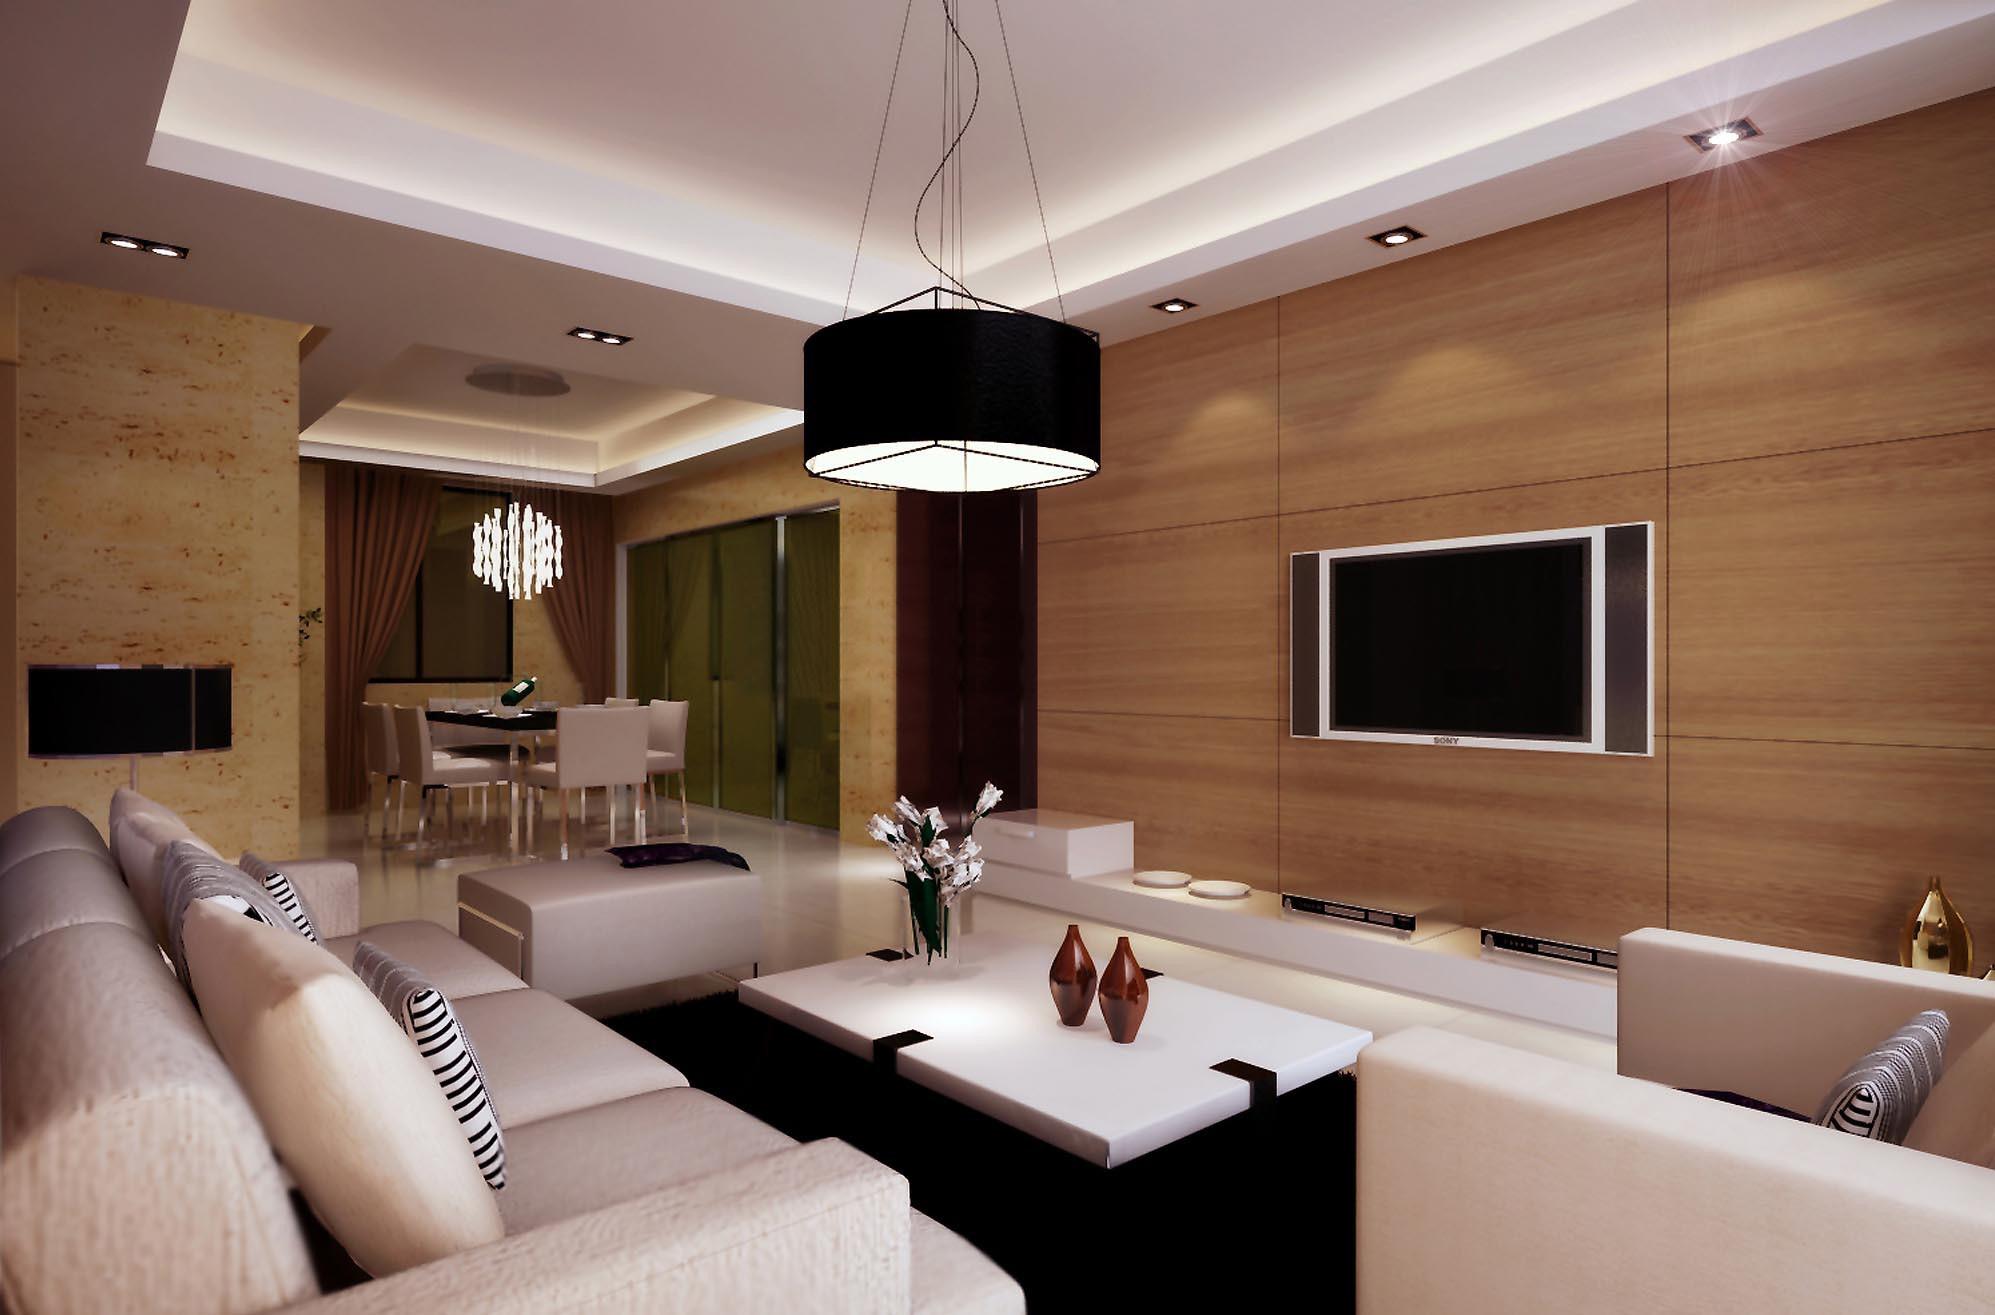 home 0685 3d model max 128201